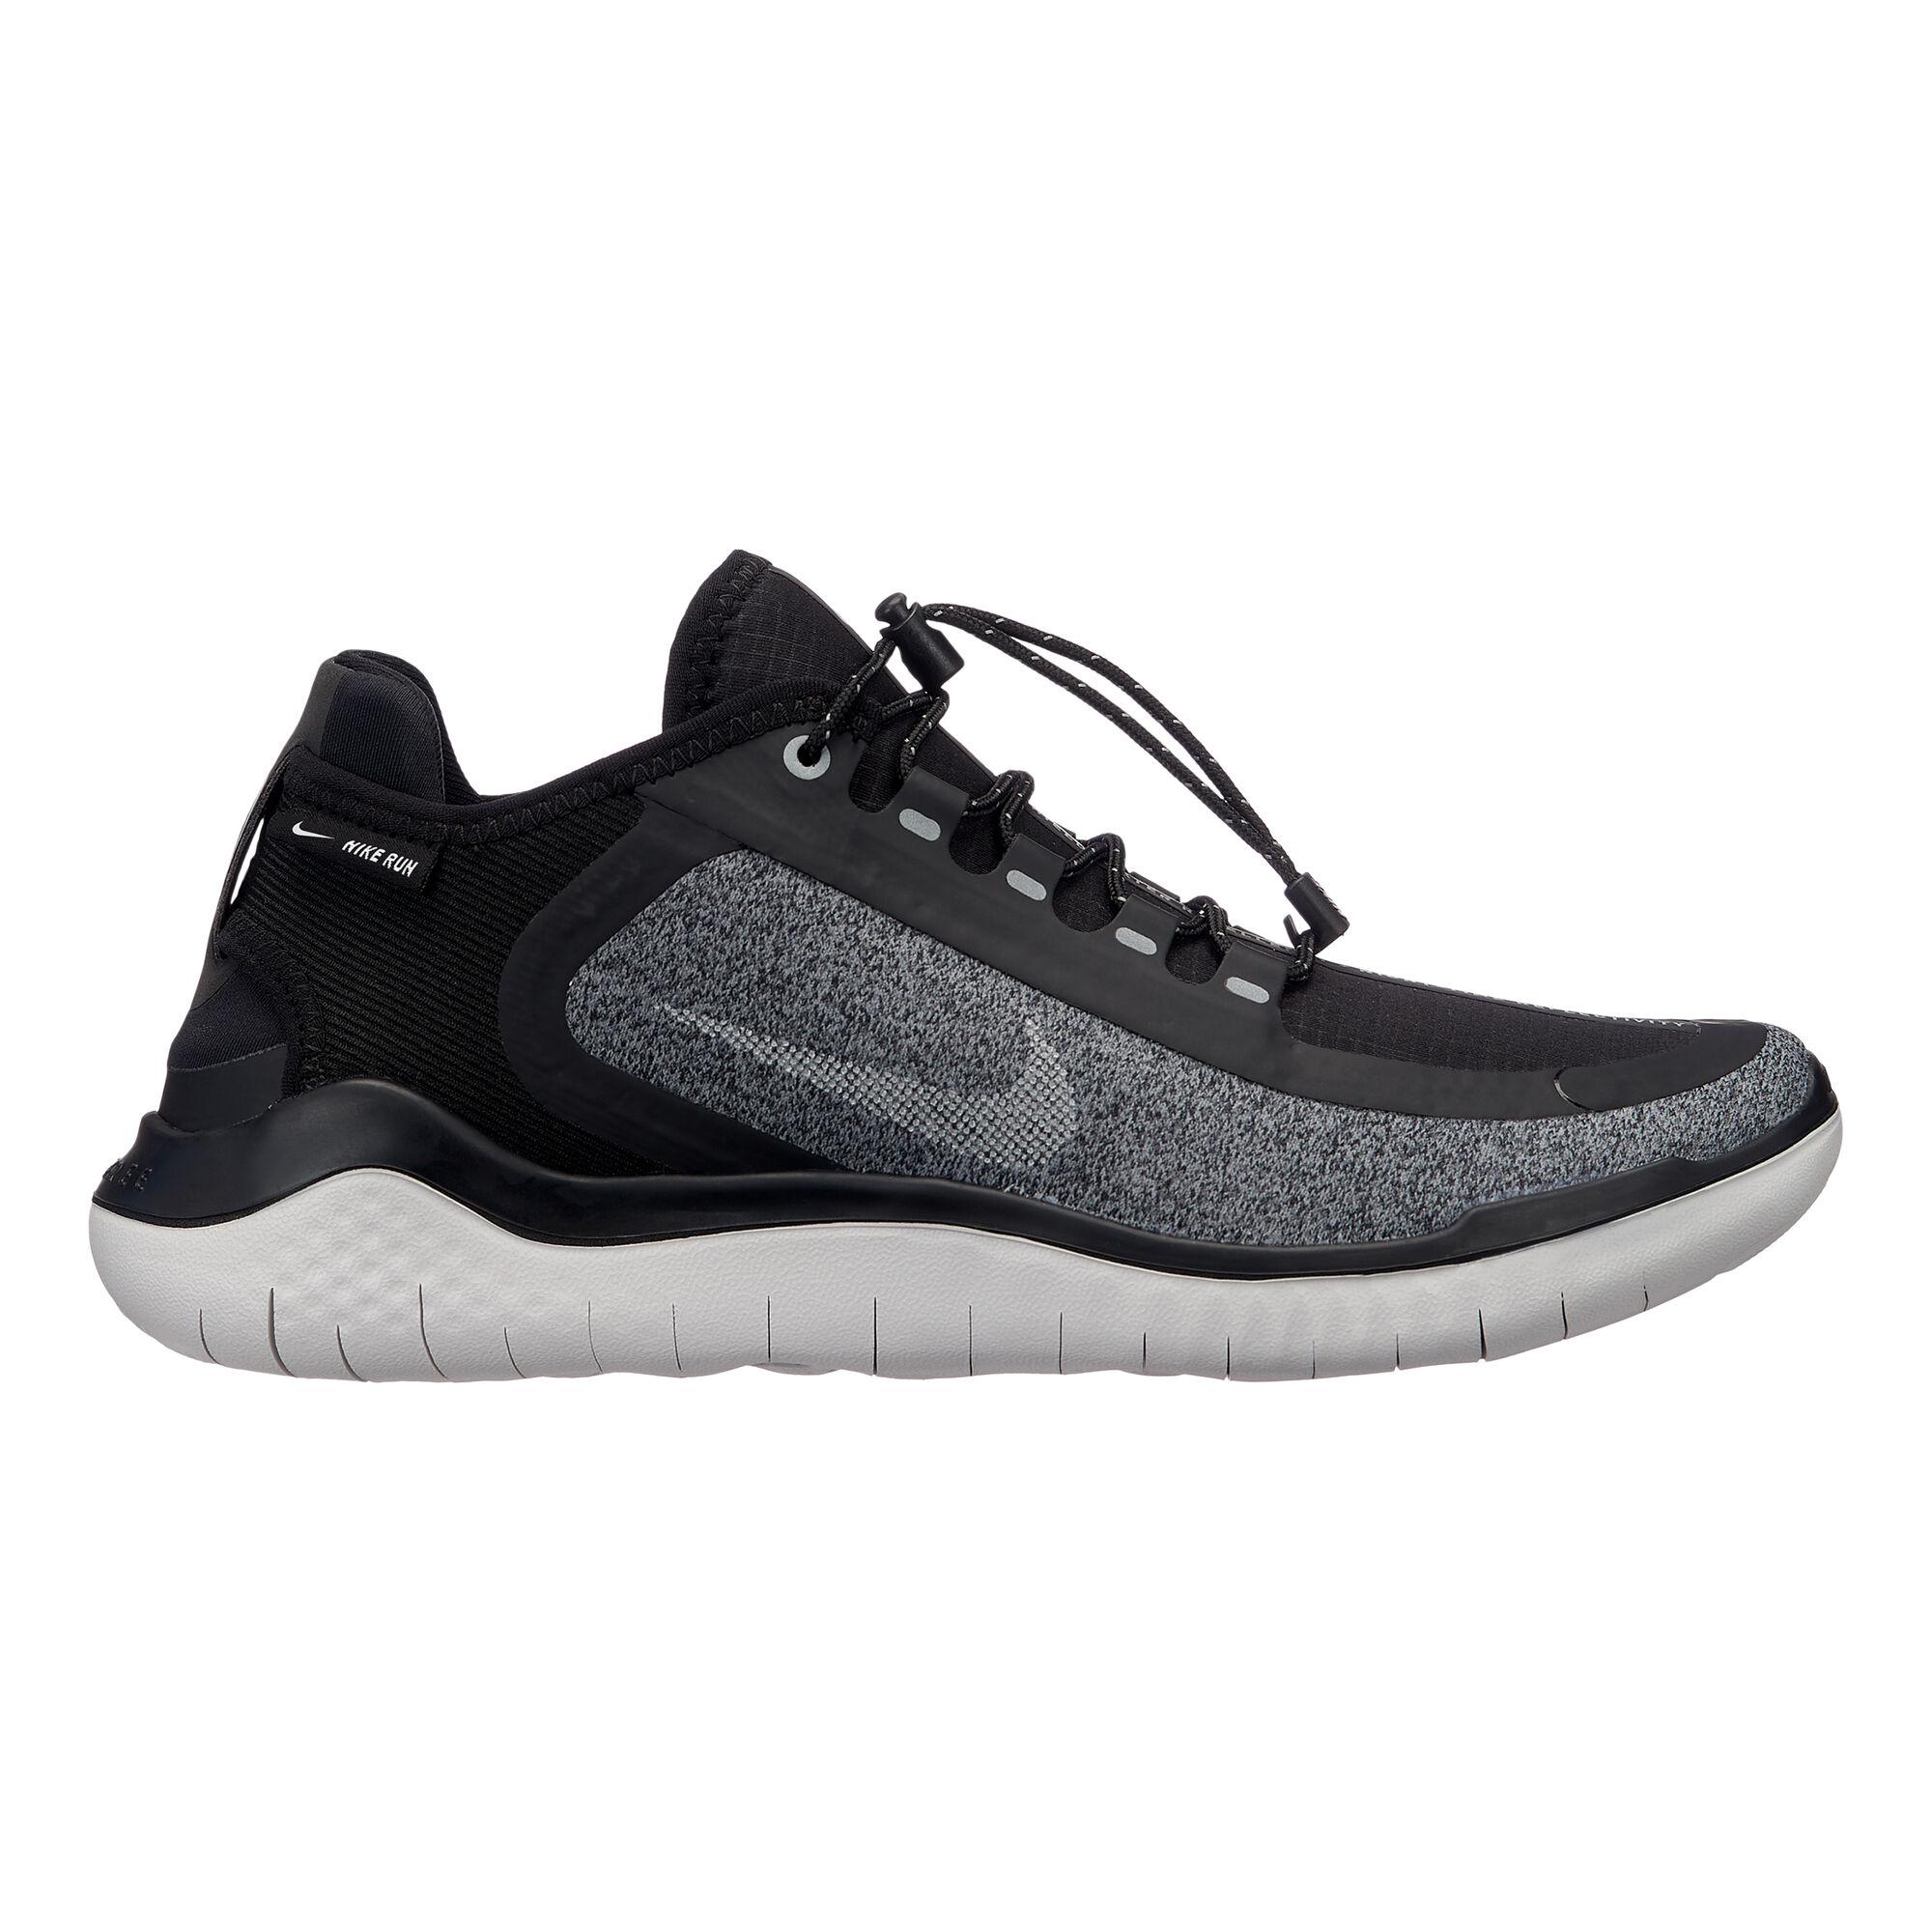 7c7cce5a09d1 Nike · Nike · Nike · Nike · Nike · Nike · Nike · Nike · Nike · Nike. Free  Run 2018 ...